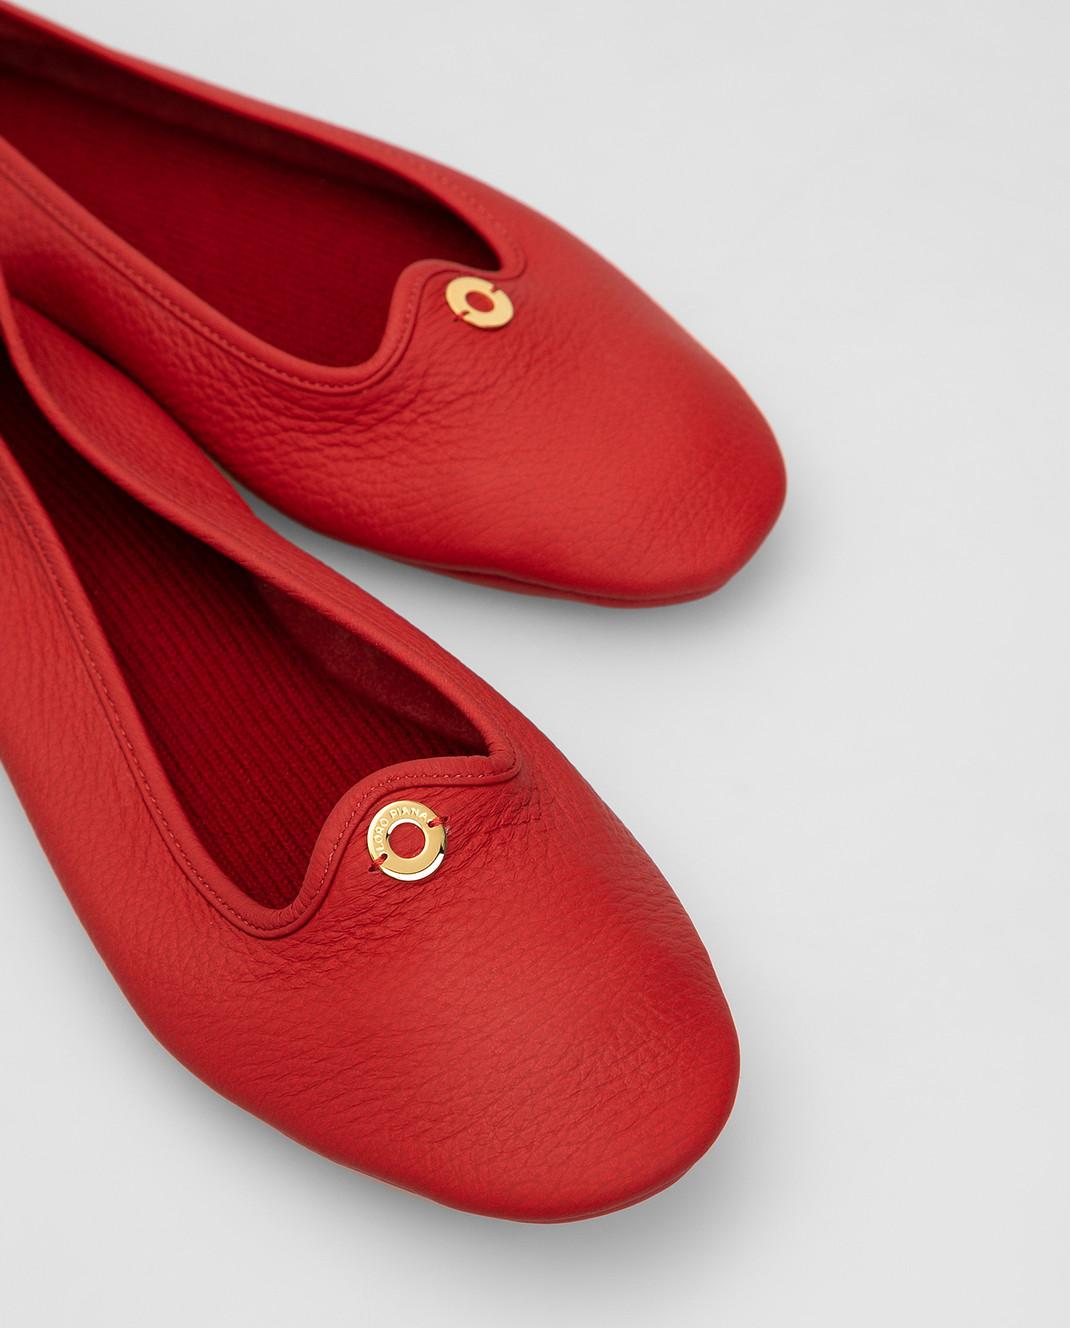 Loro Piana Красные кожаные балетки F3FAF8837 изображение 5